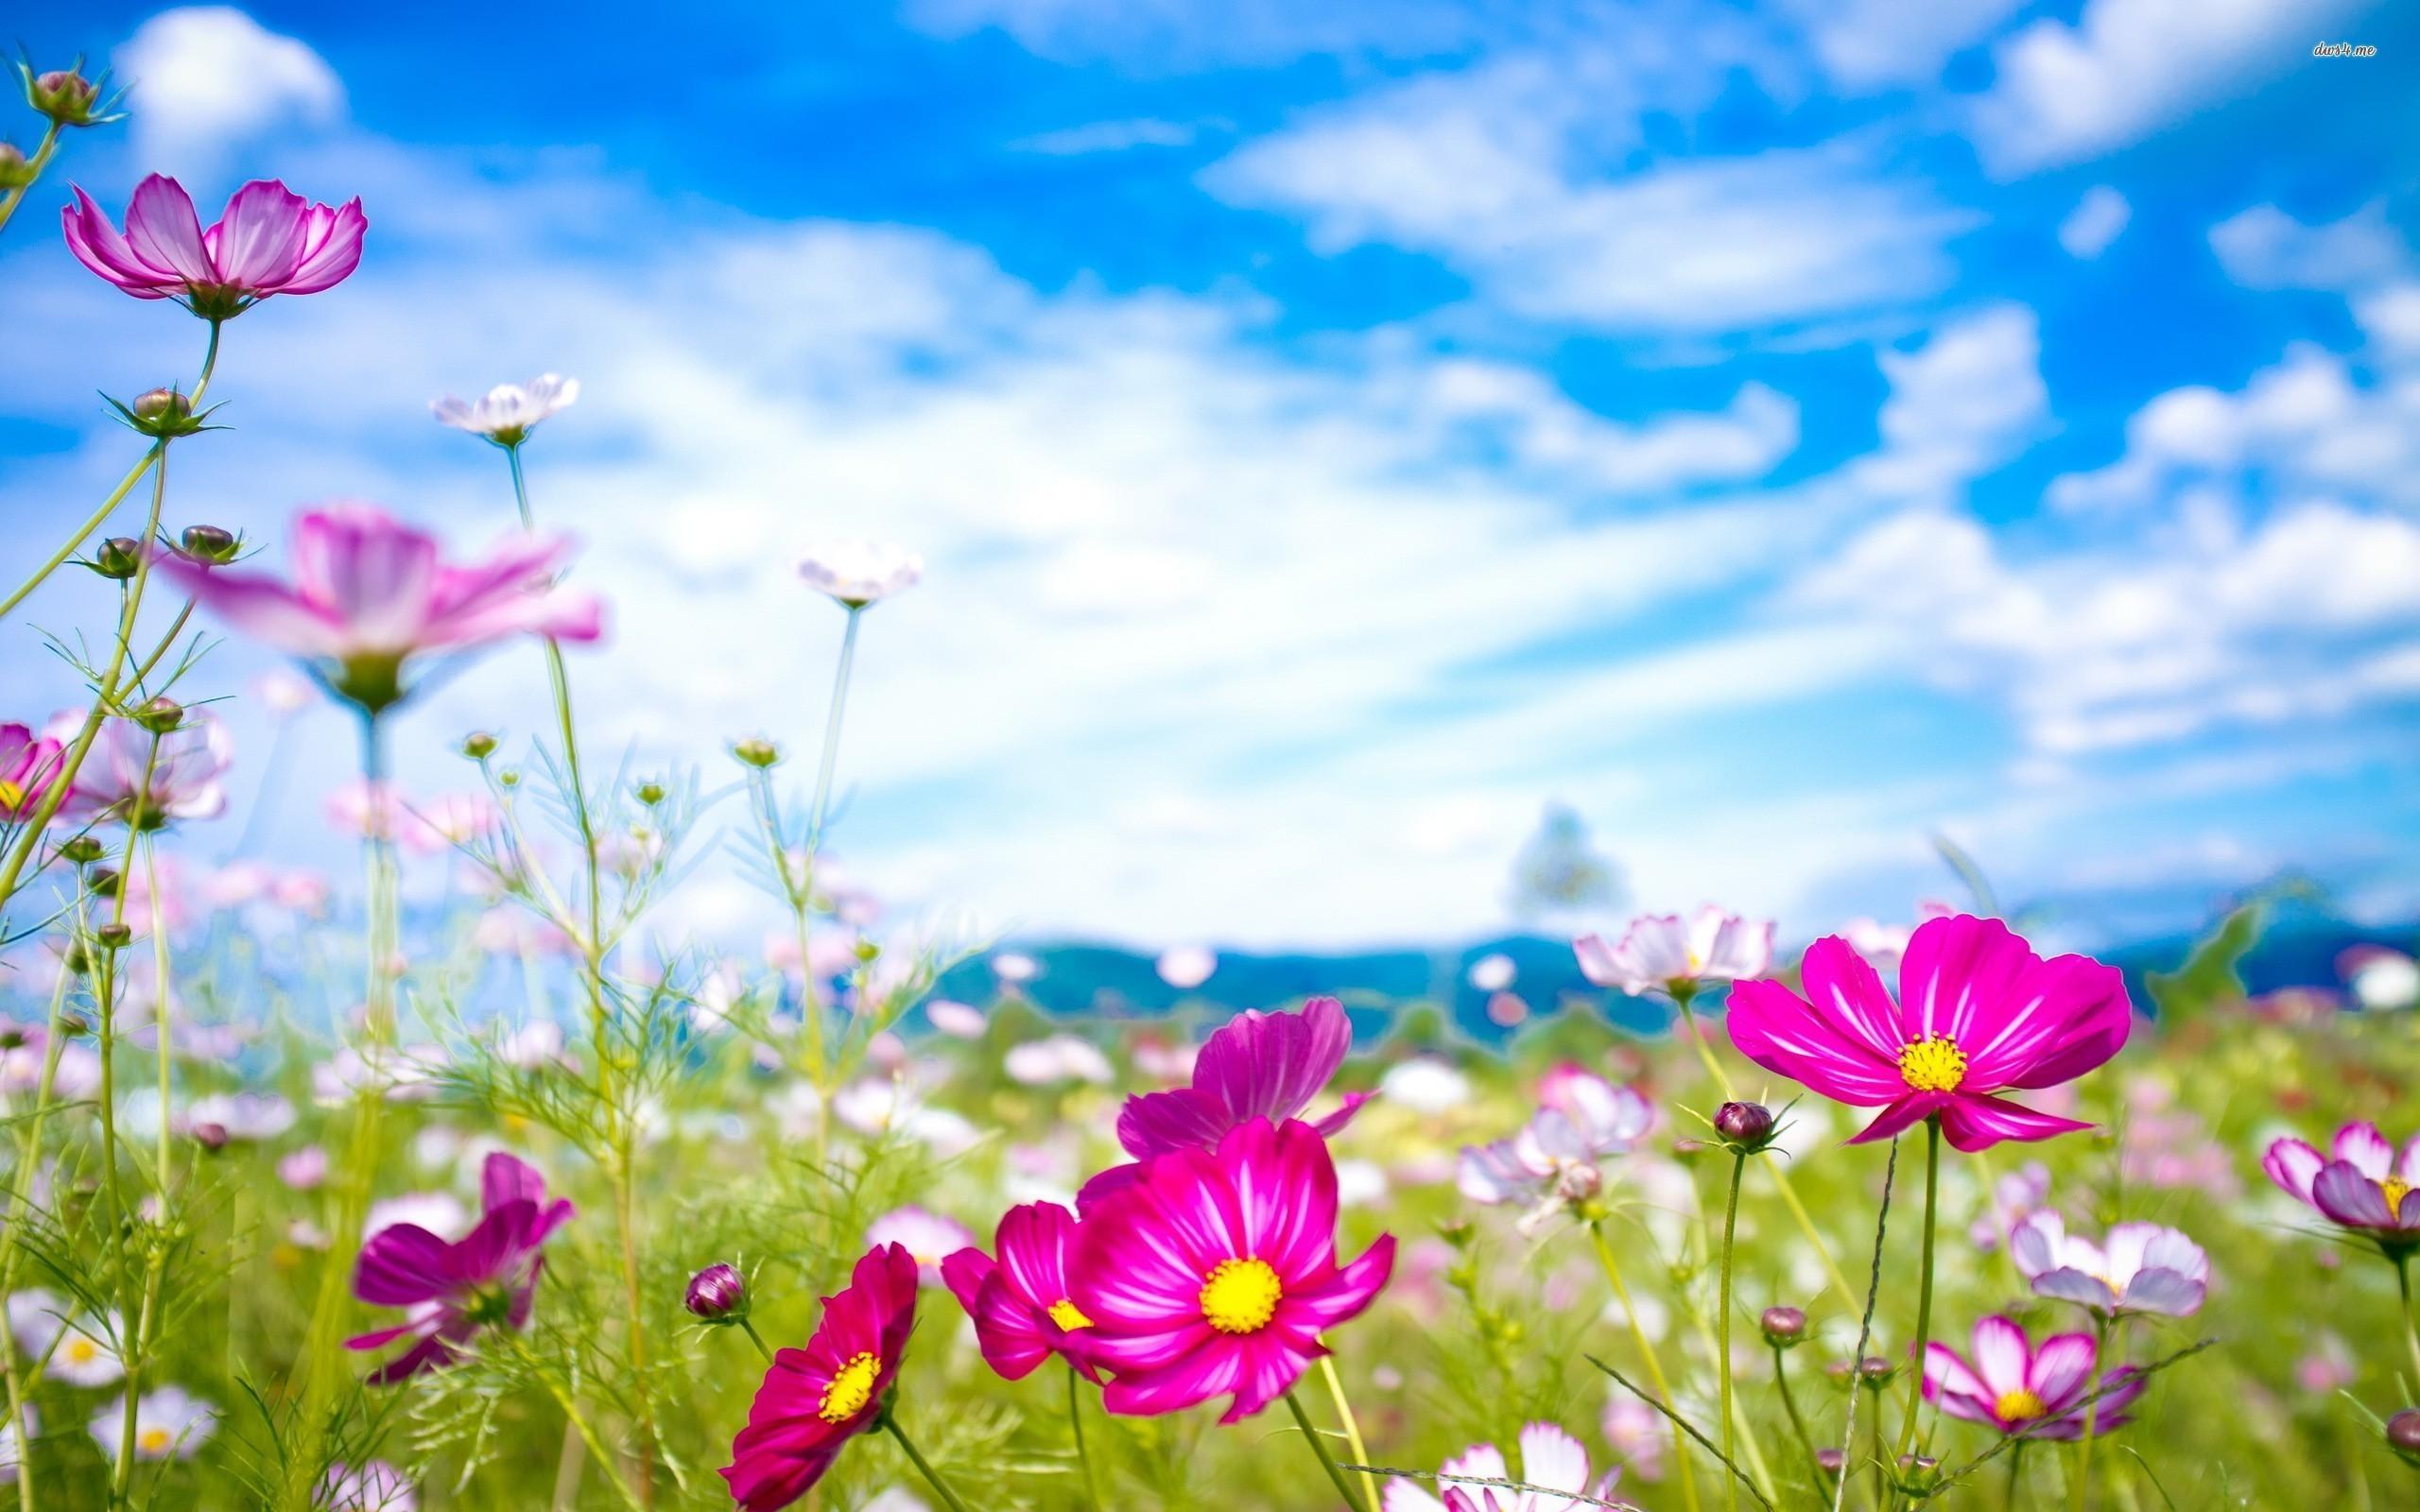 Flower Desktop Backgrounds (60+ images)